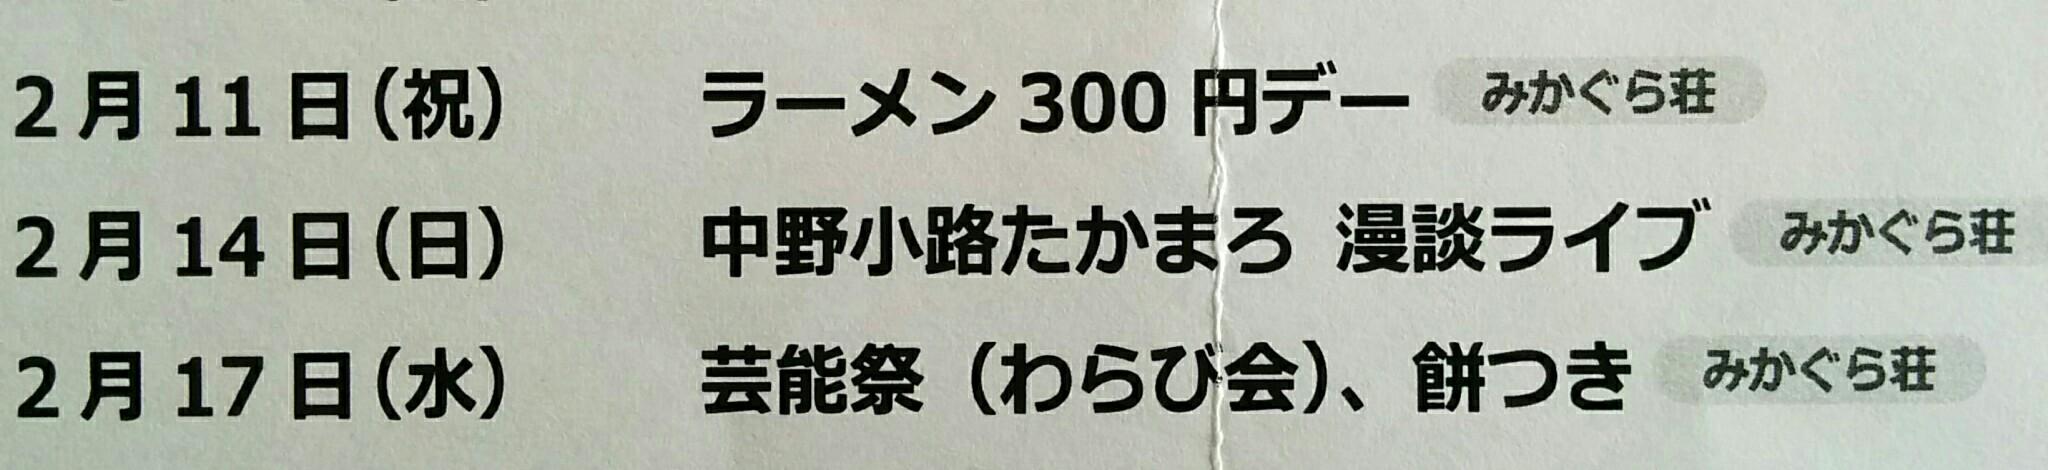 御神楽20